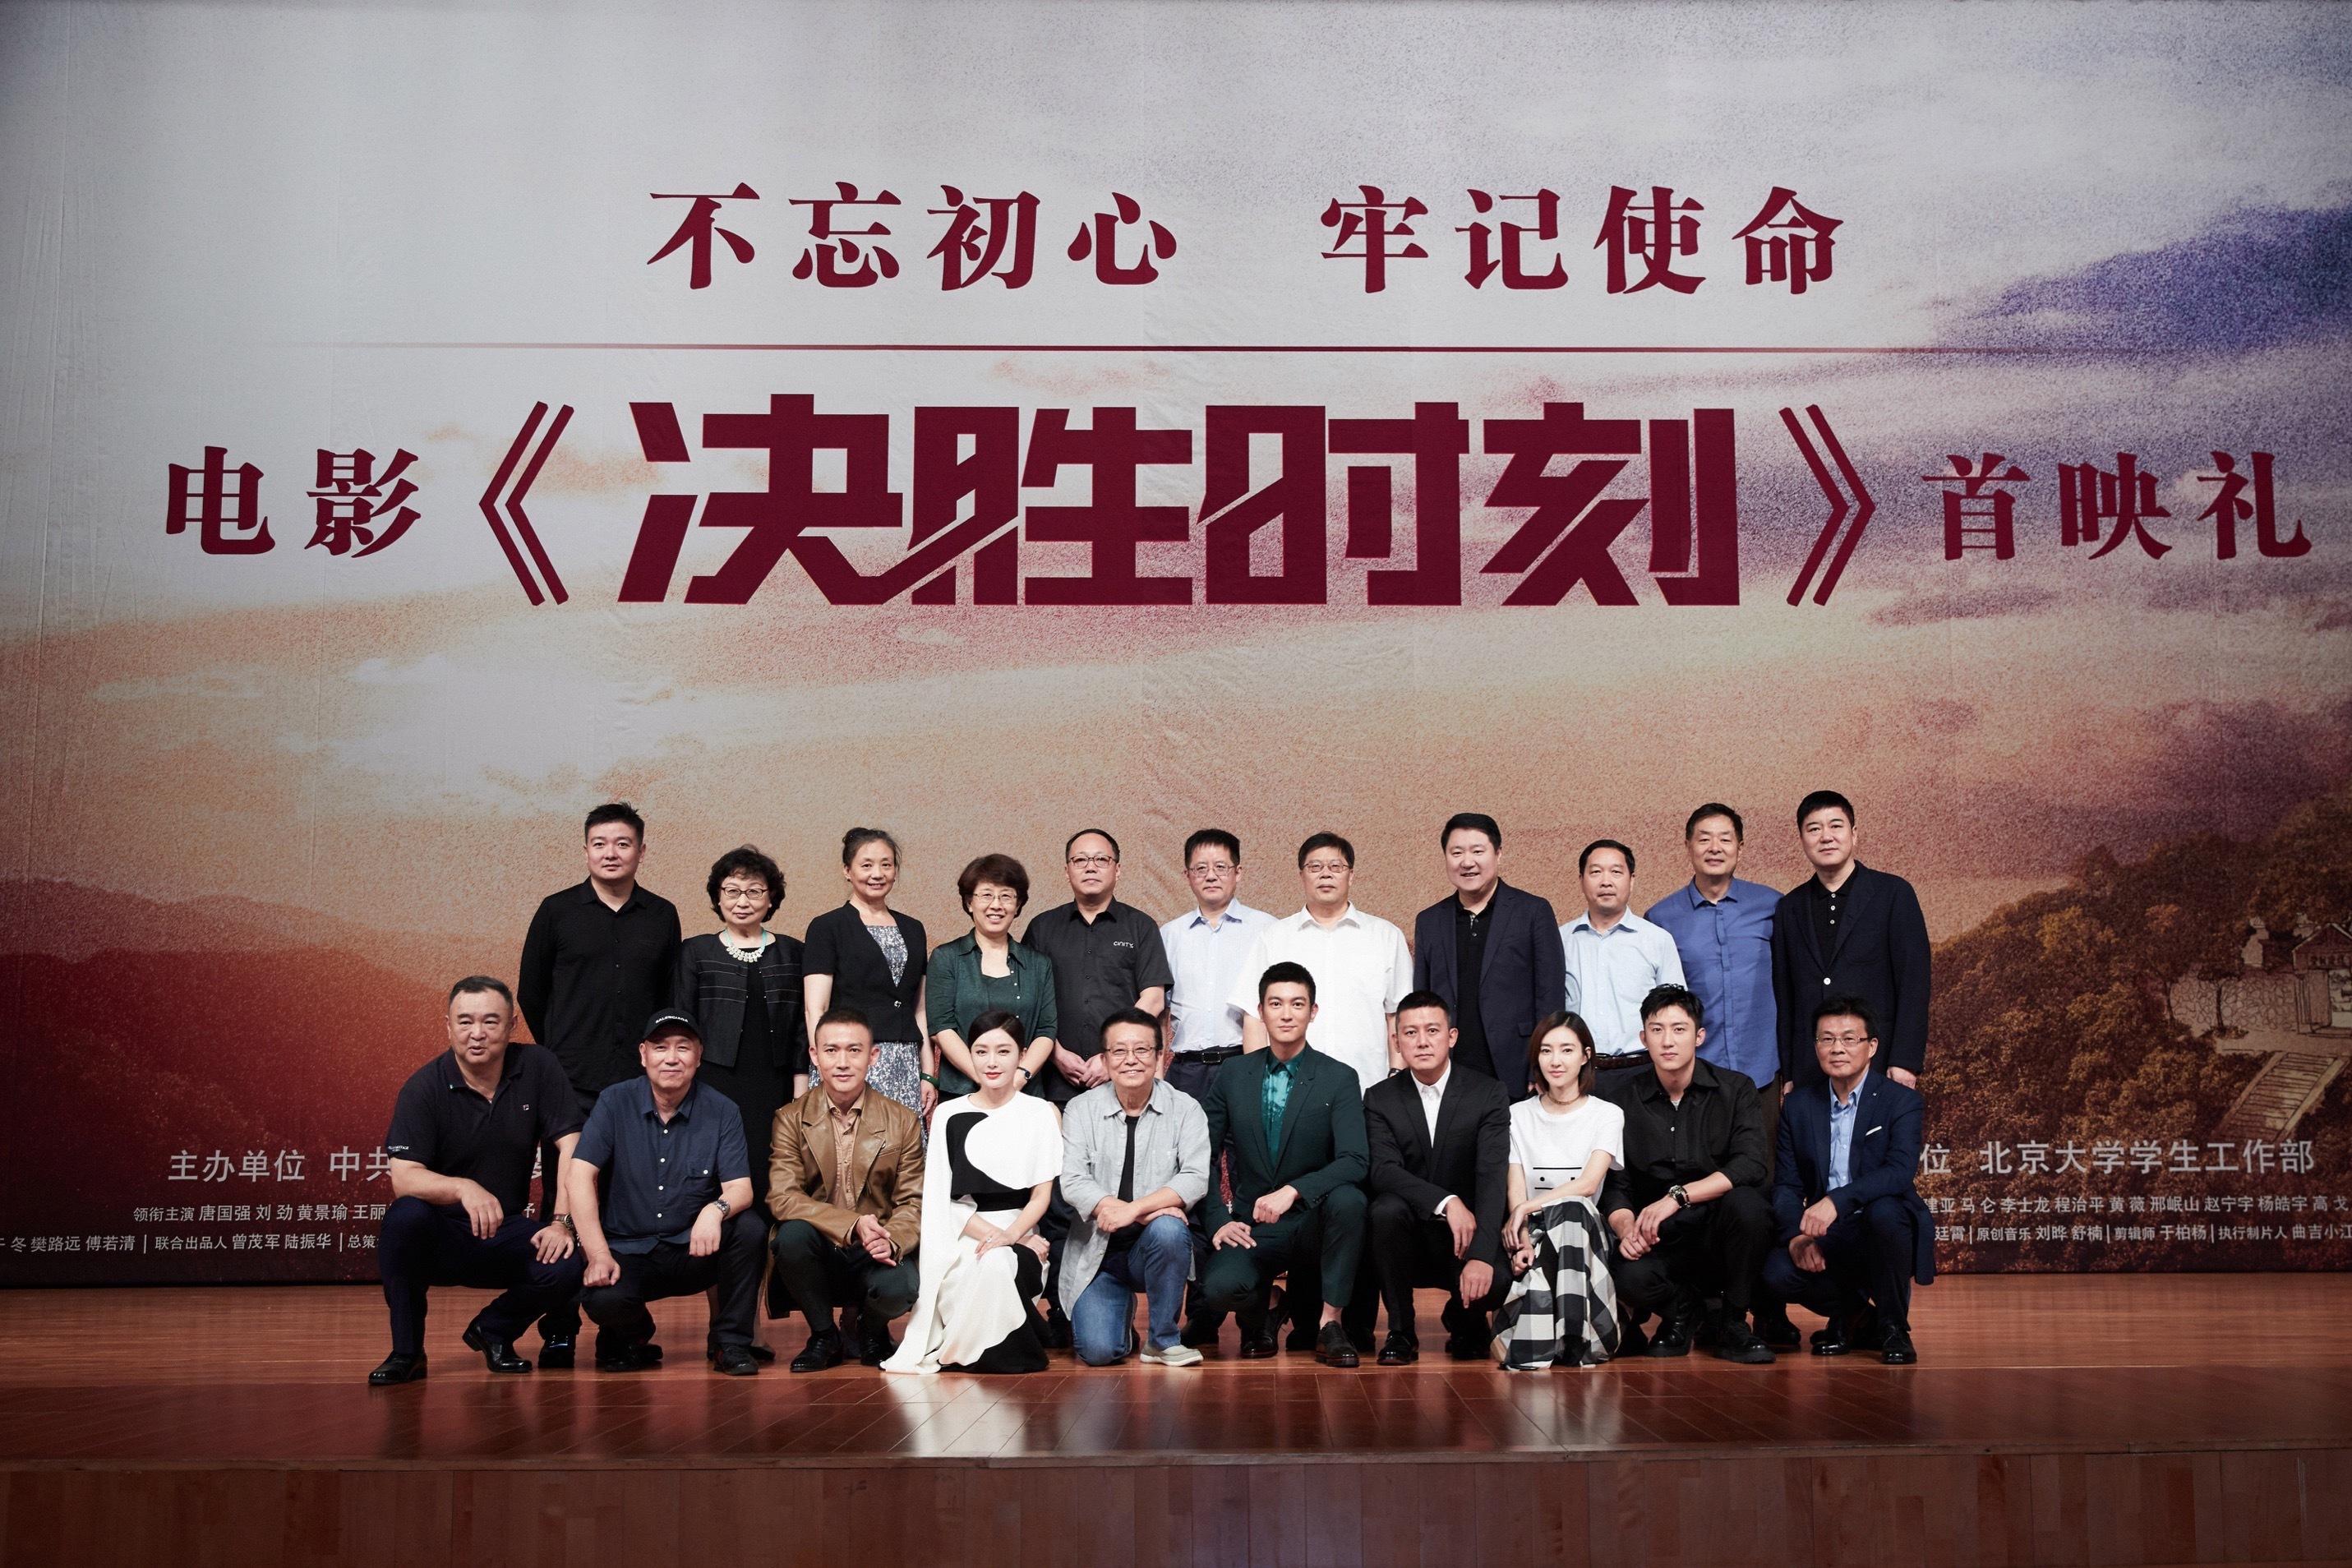 ��h�F身北京大�W百年�v堂 出席《�Q��r刻》�面��